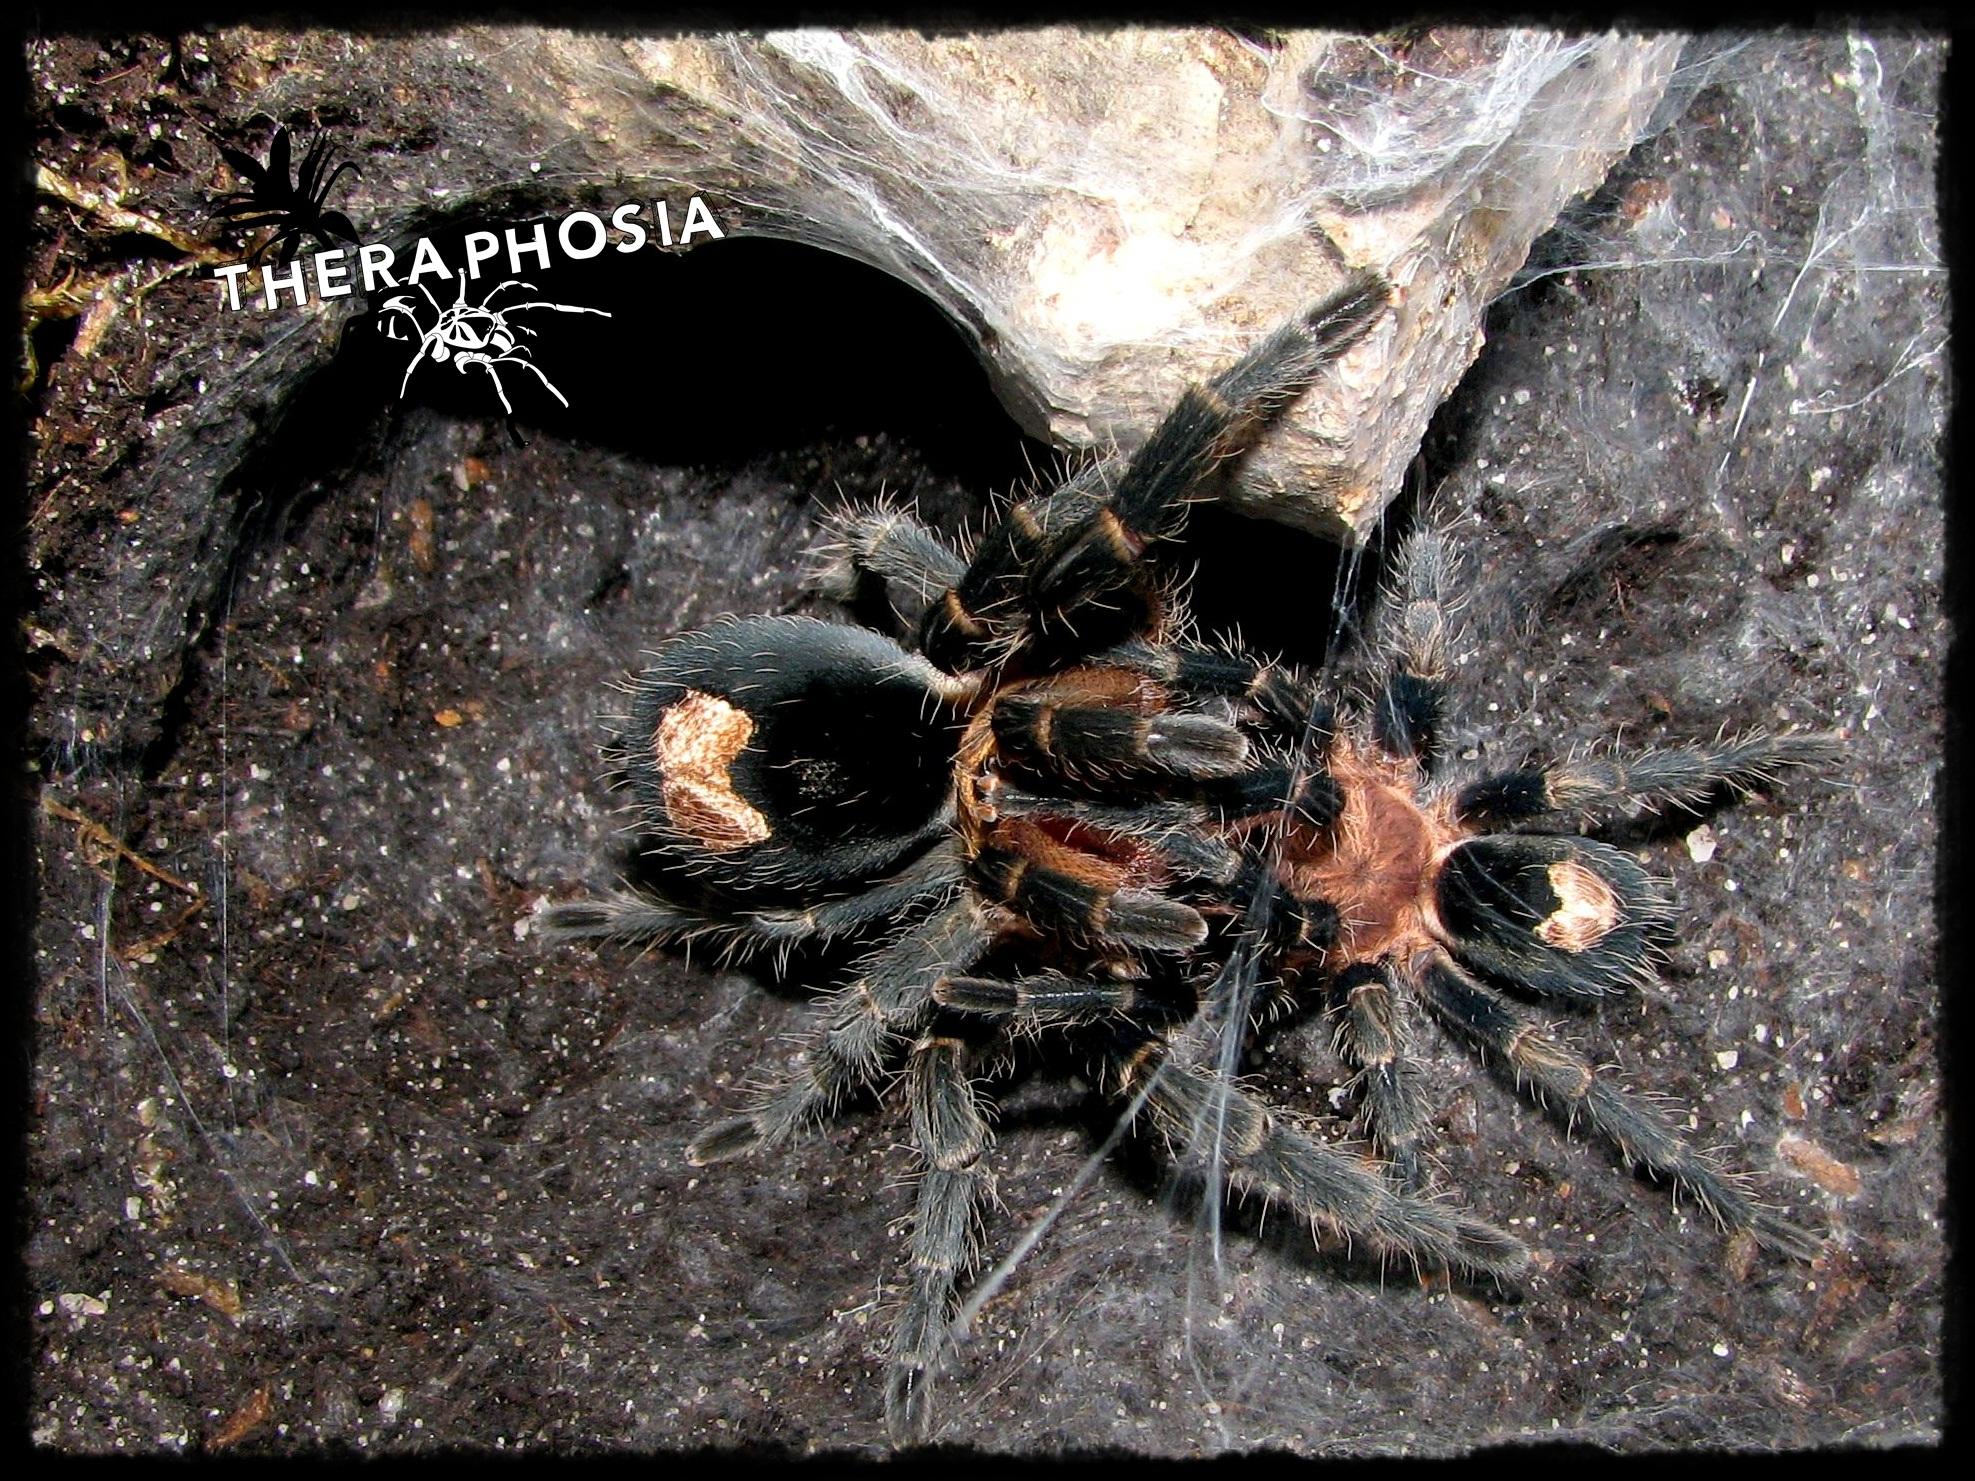 1.1 Cyriocosmus sp. Rio Nanay